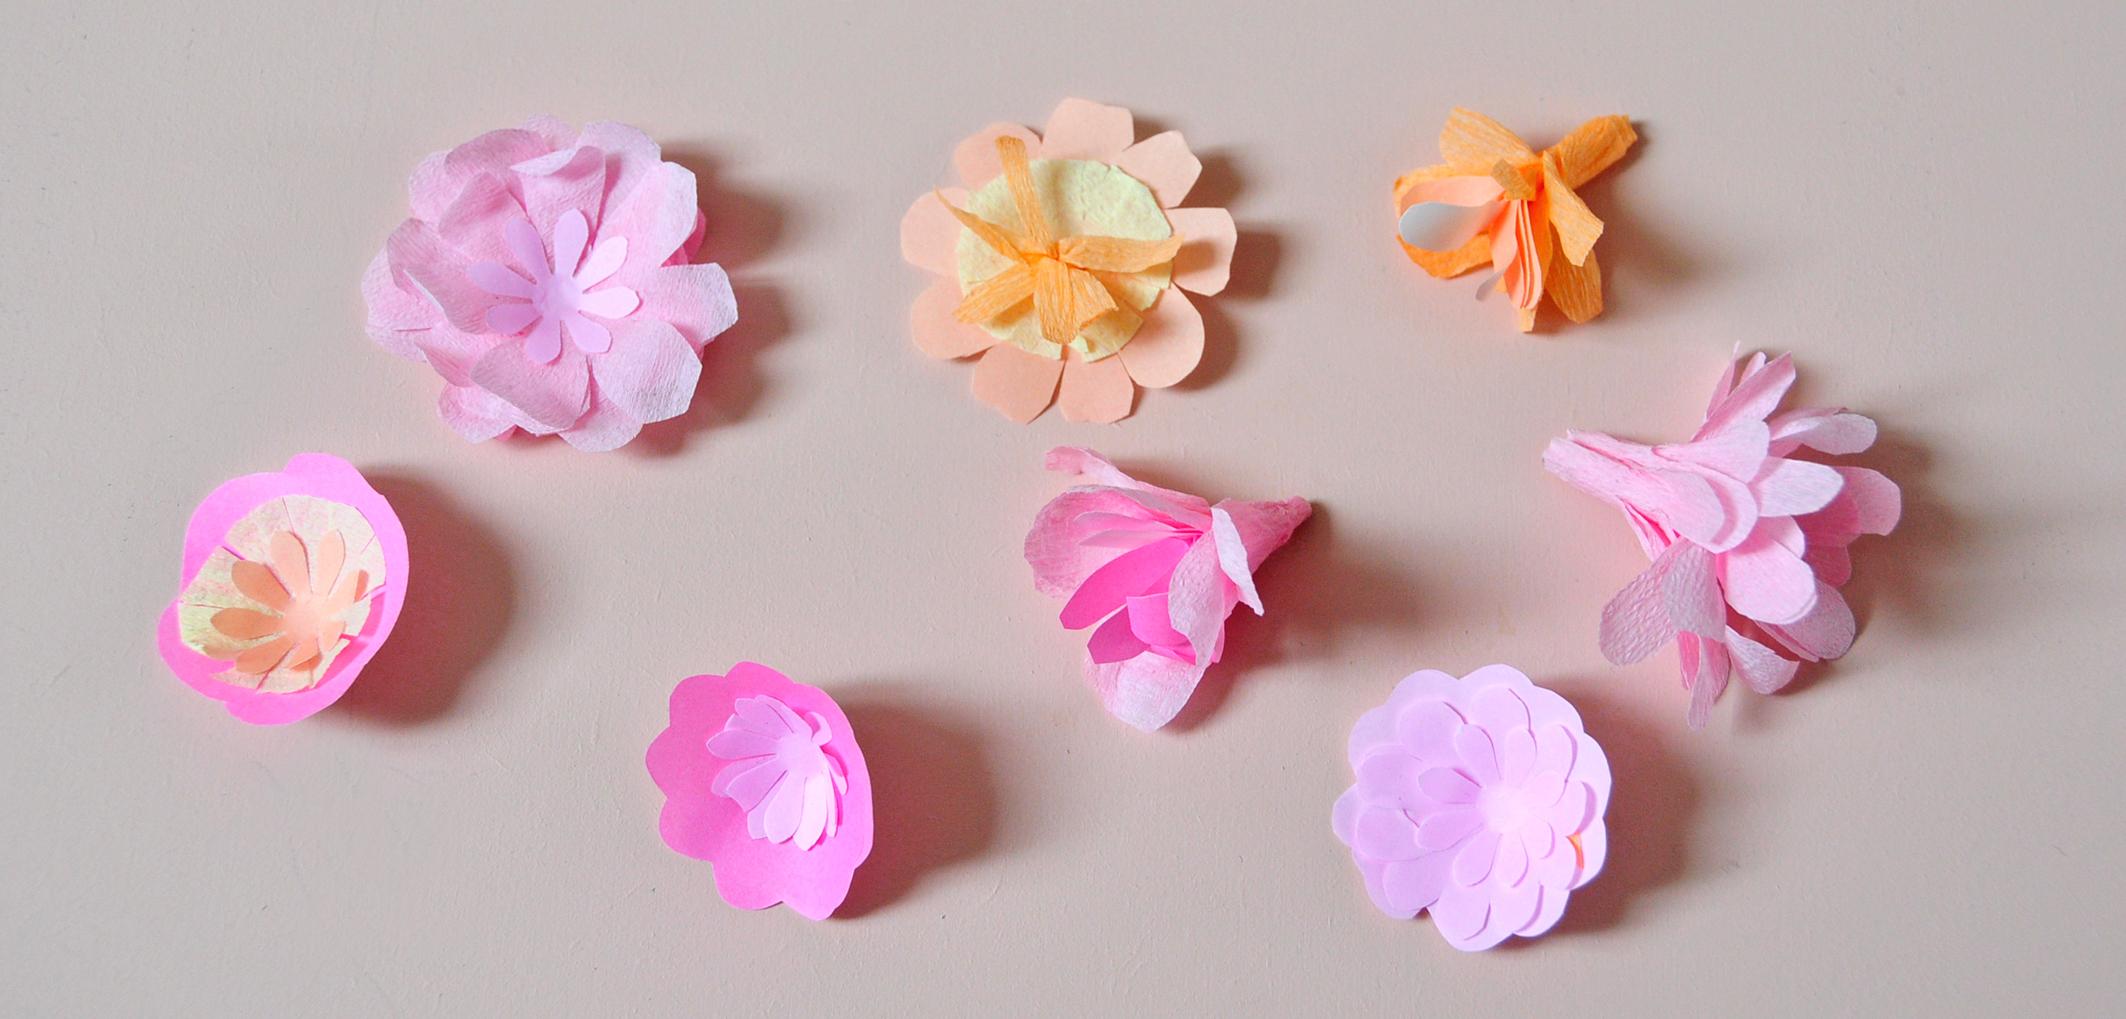 fleurs 1 b